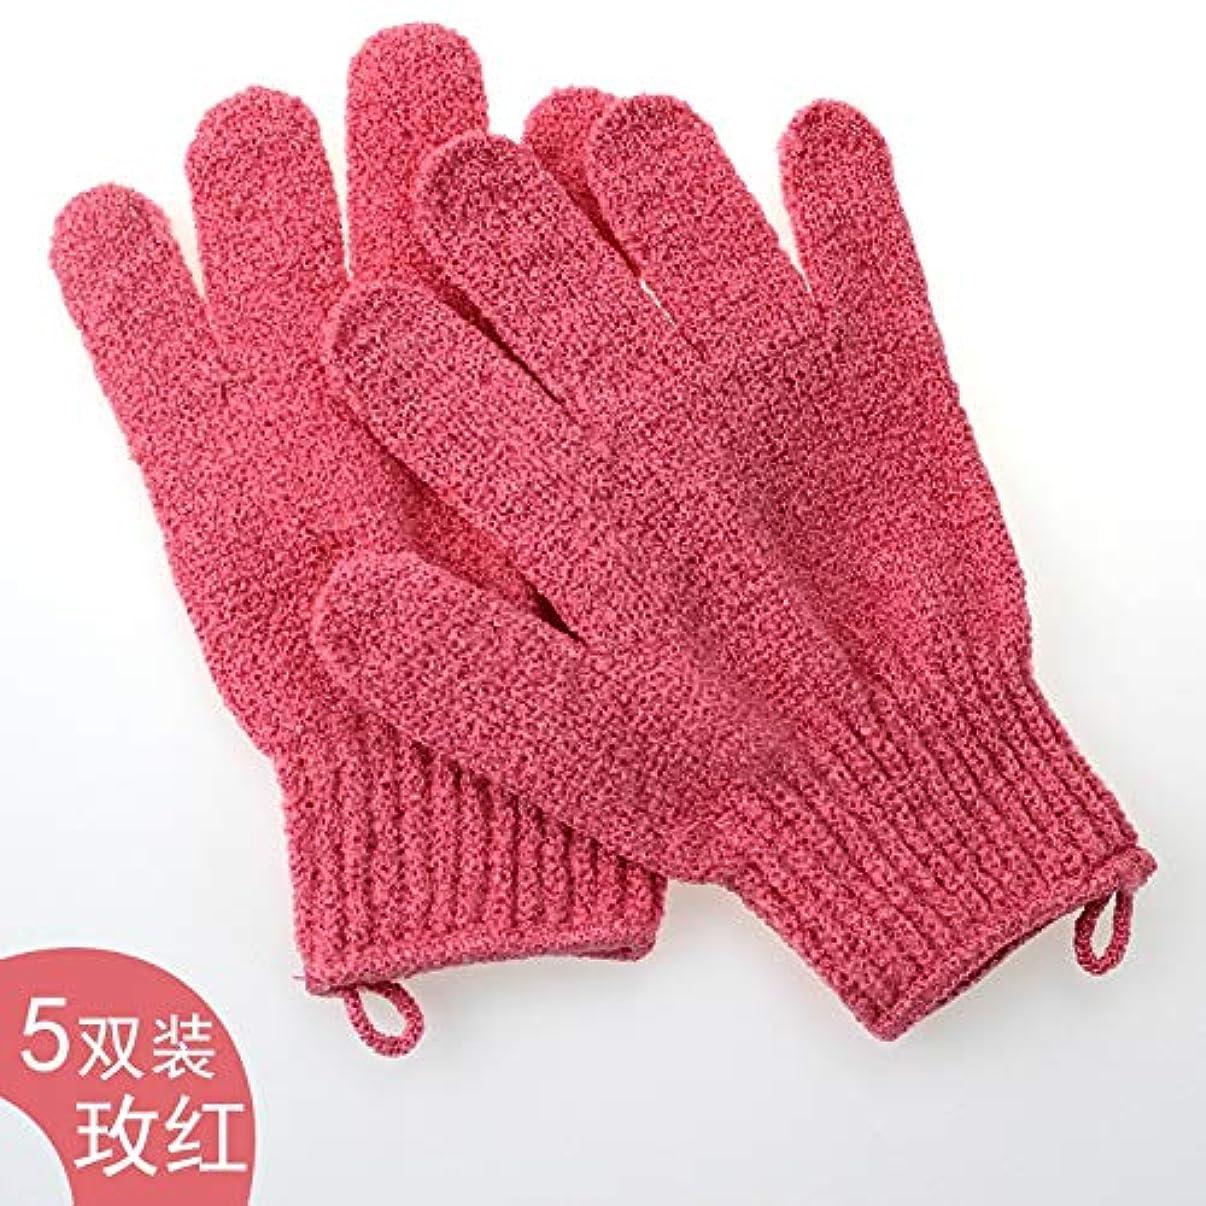 費やす行き当たりばったりマインドフルBTXXYJP お風呂用手袋 シャワー手袋 あかすり ボディタオル ボディブラシ やわらか バス用品 男女兼用 角質除去 (Color : Red)